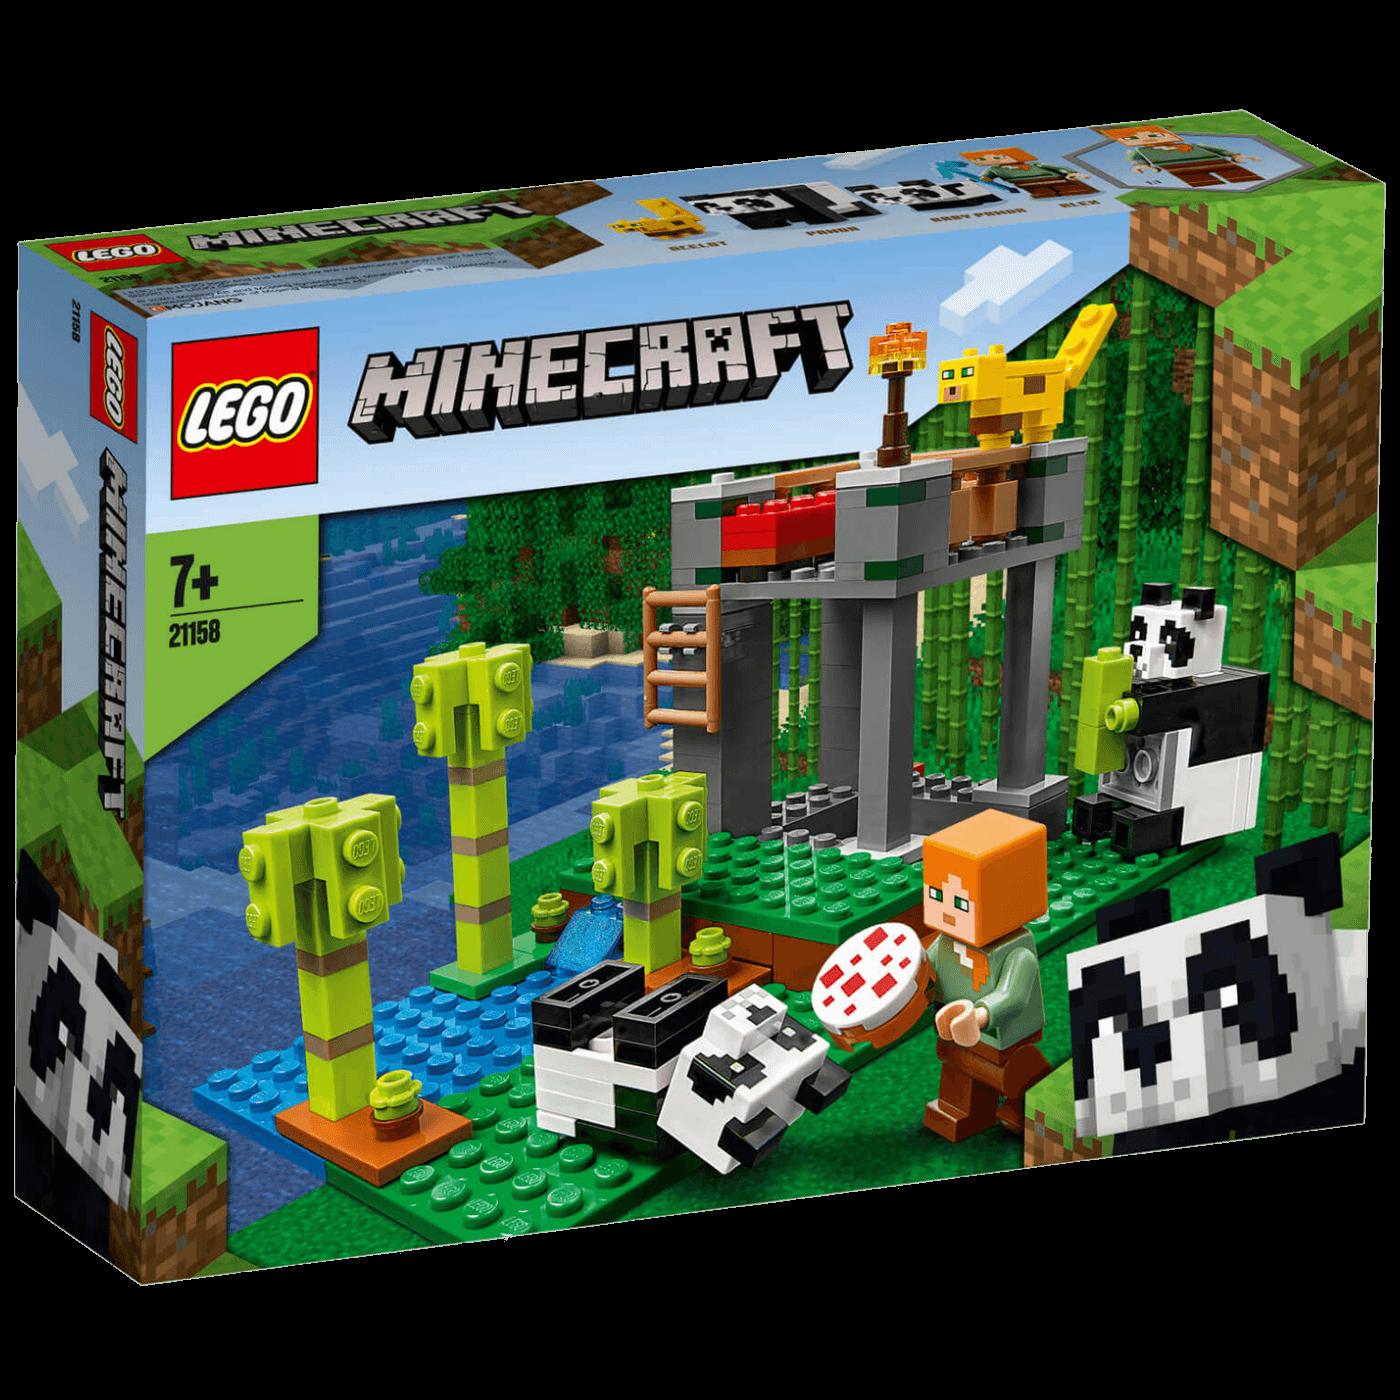 Vrt za pande, Lego Minecraft